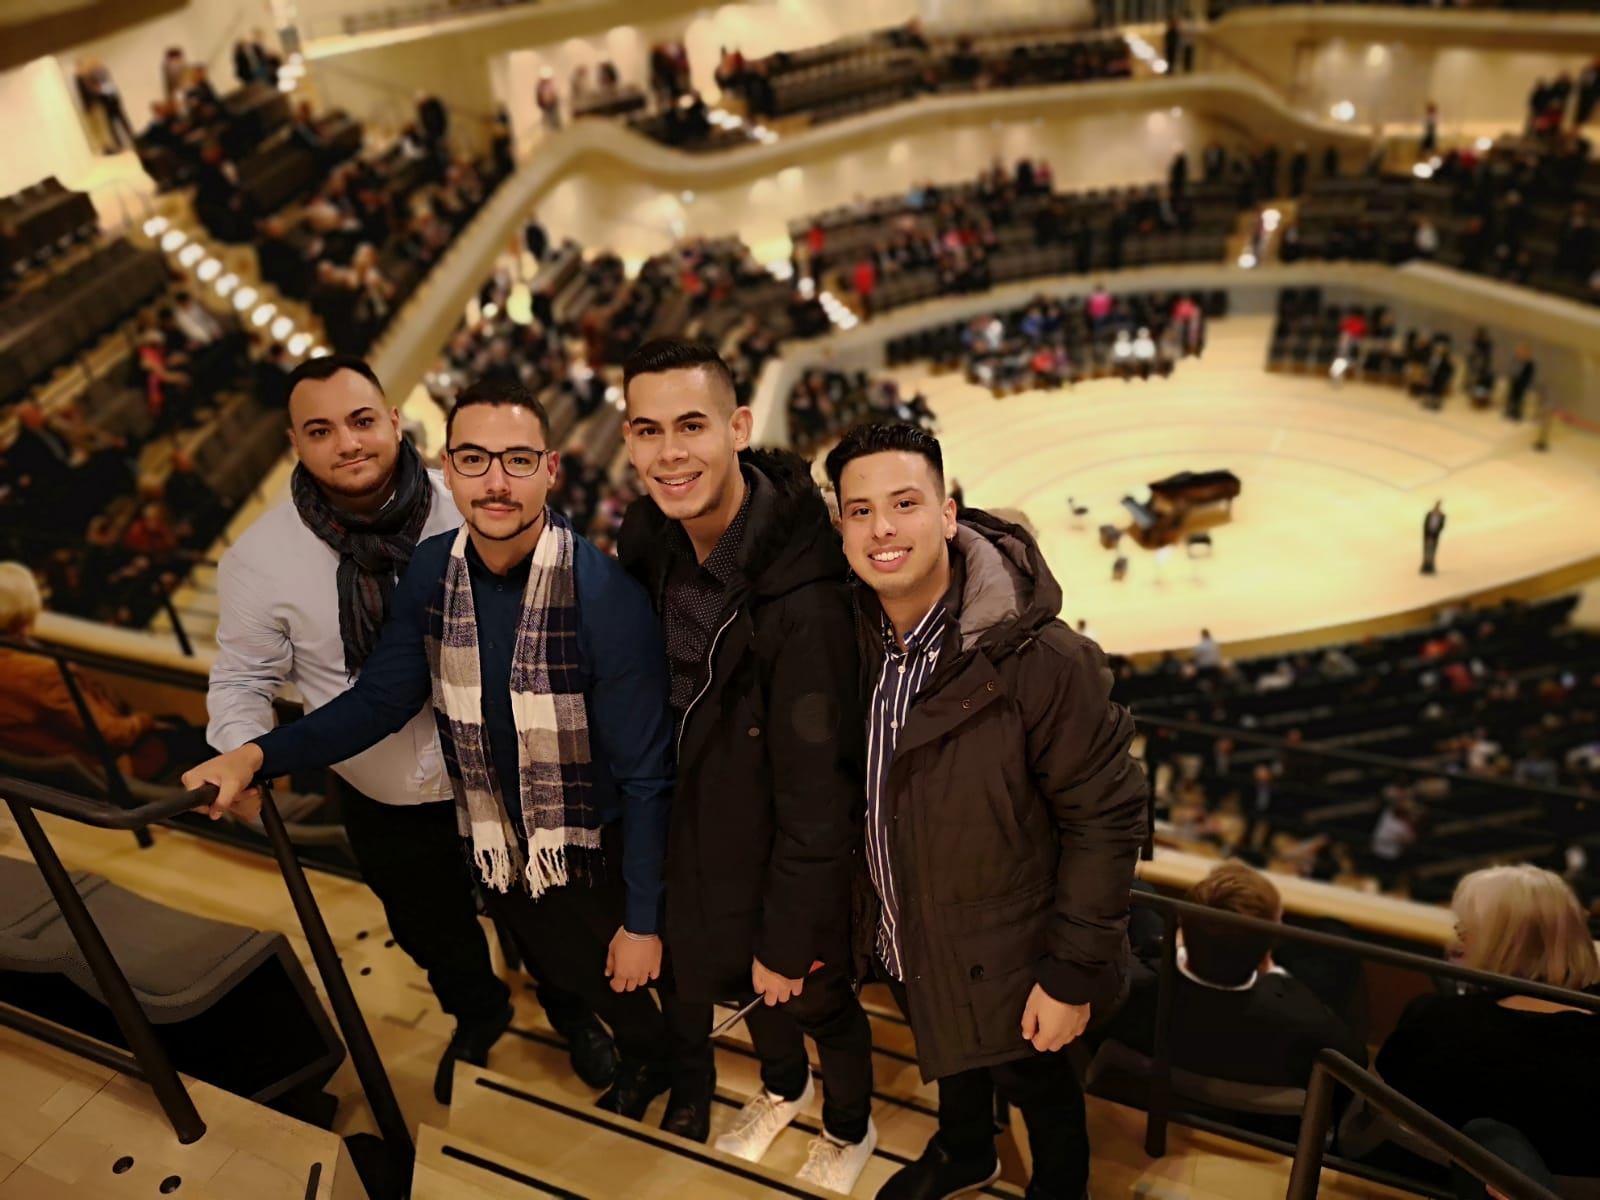 Concierto sinfónico en la Elbphilharmonie, Hamburgo